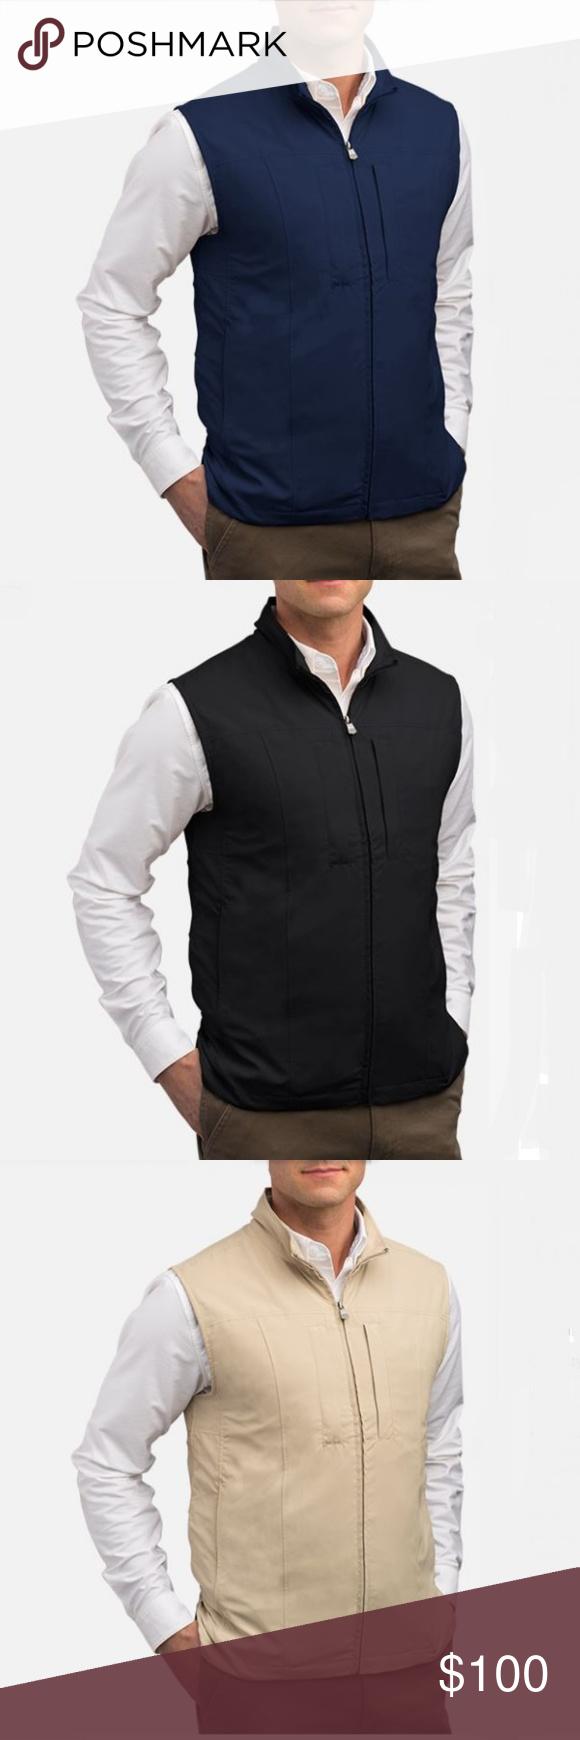 Scottevest Men's Travel Vest Black/Navy/Khaki Mens